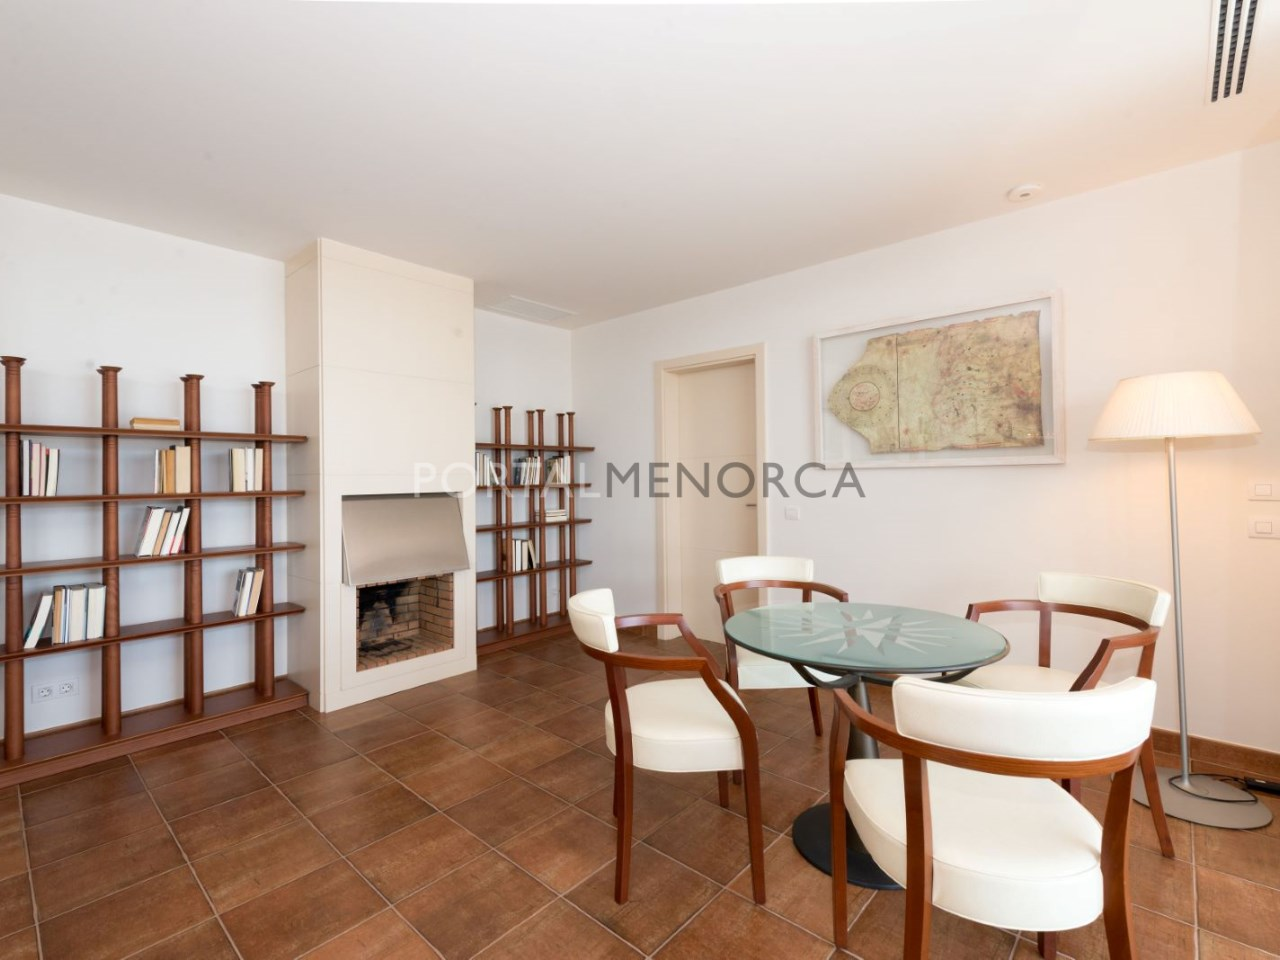 acheter-maison-luxe-menorca (8)